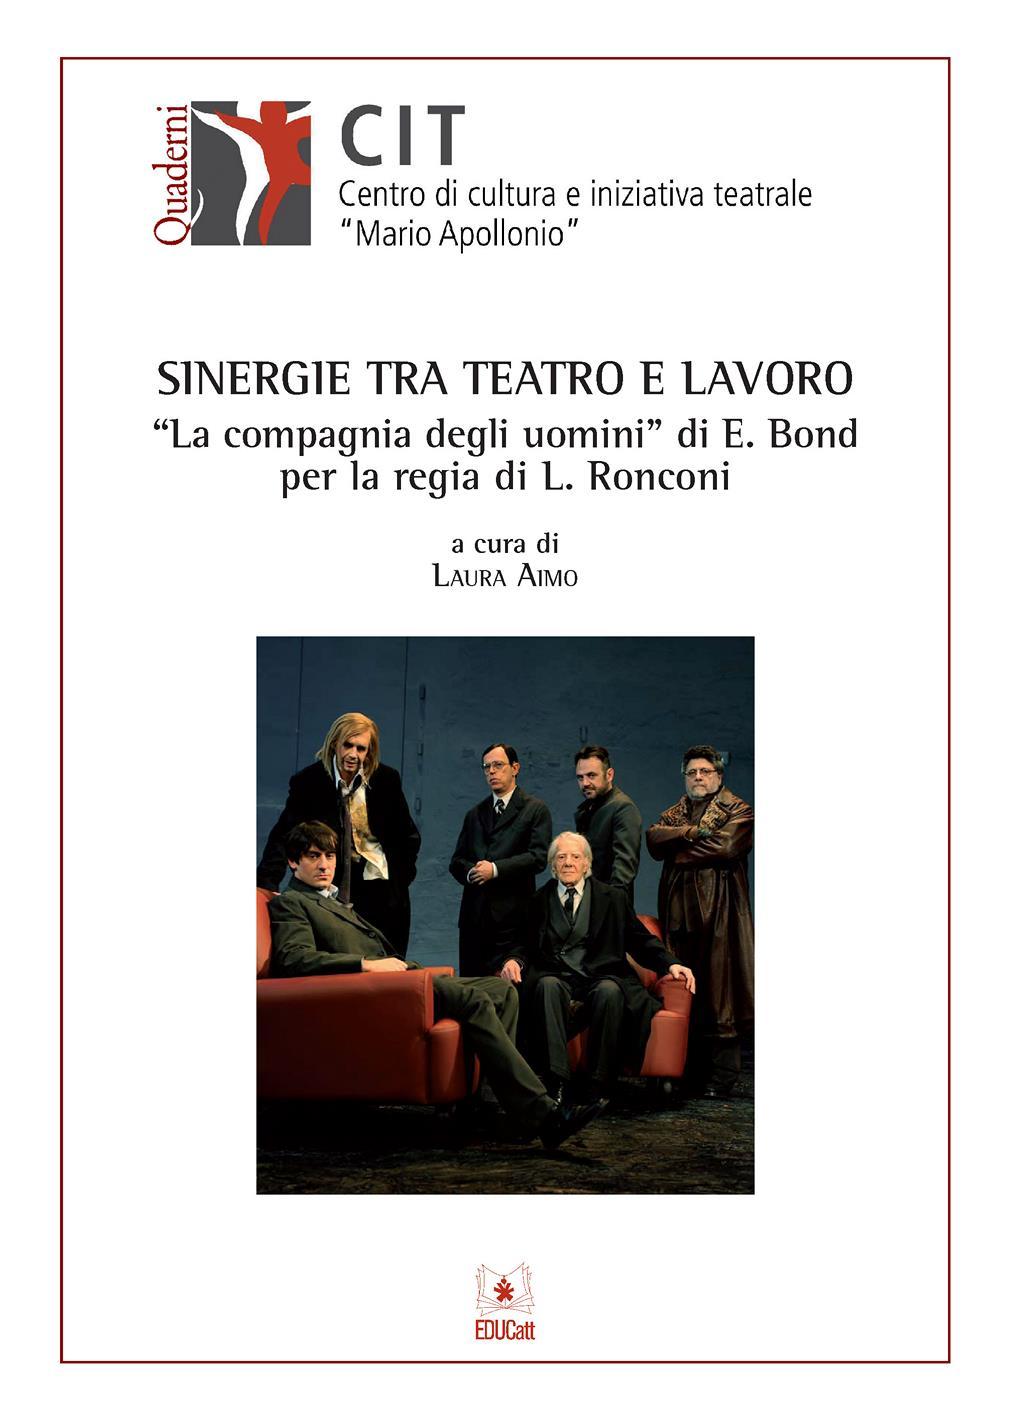 """SINERGIE TRA TEATRO E LAVORO """"LA COMPAGNIA DEGLI UOMINI"""" DI E. BOND PER LA REGIA DI L.RONCONI"""